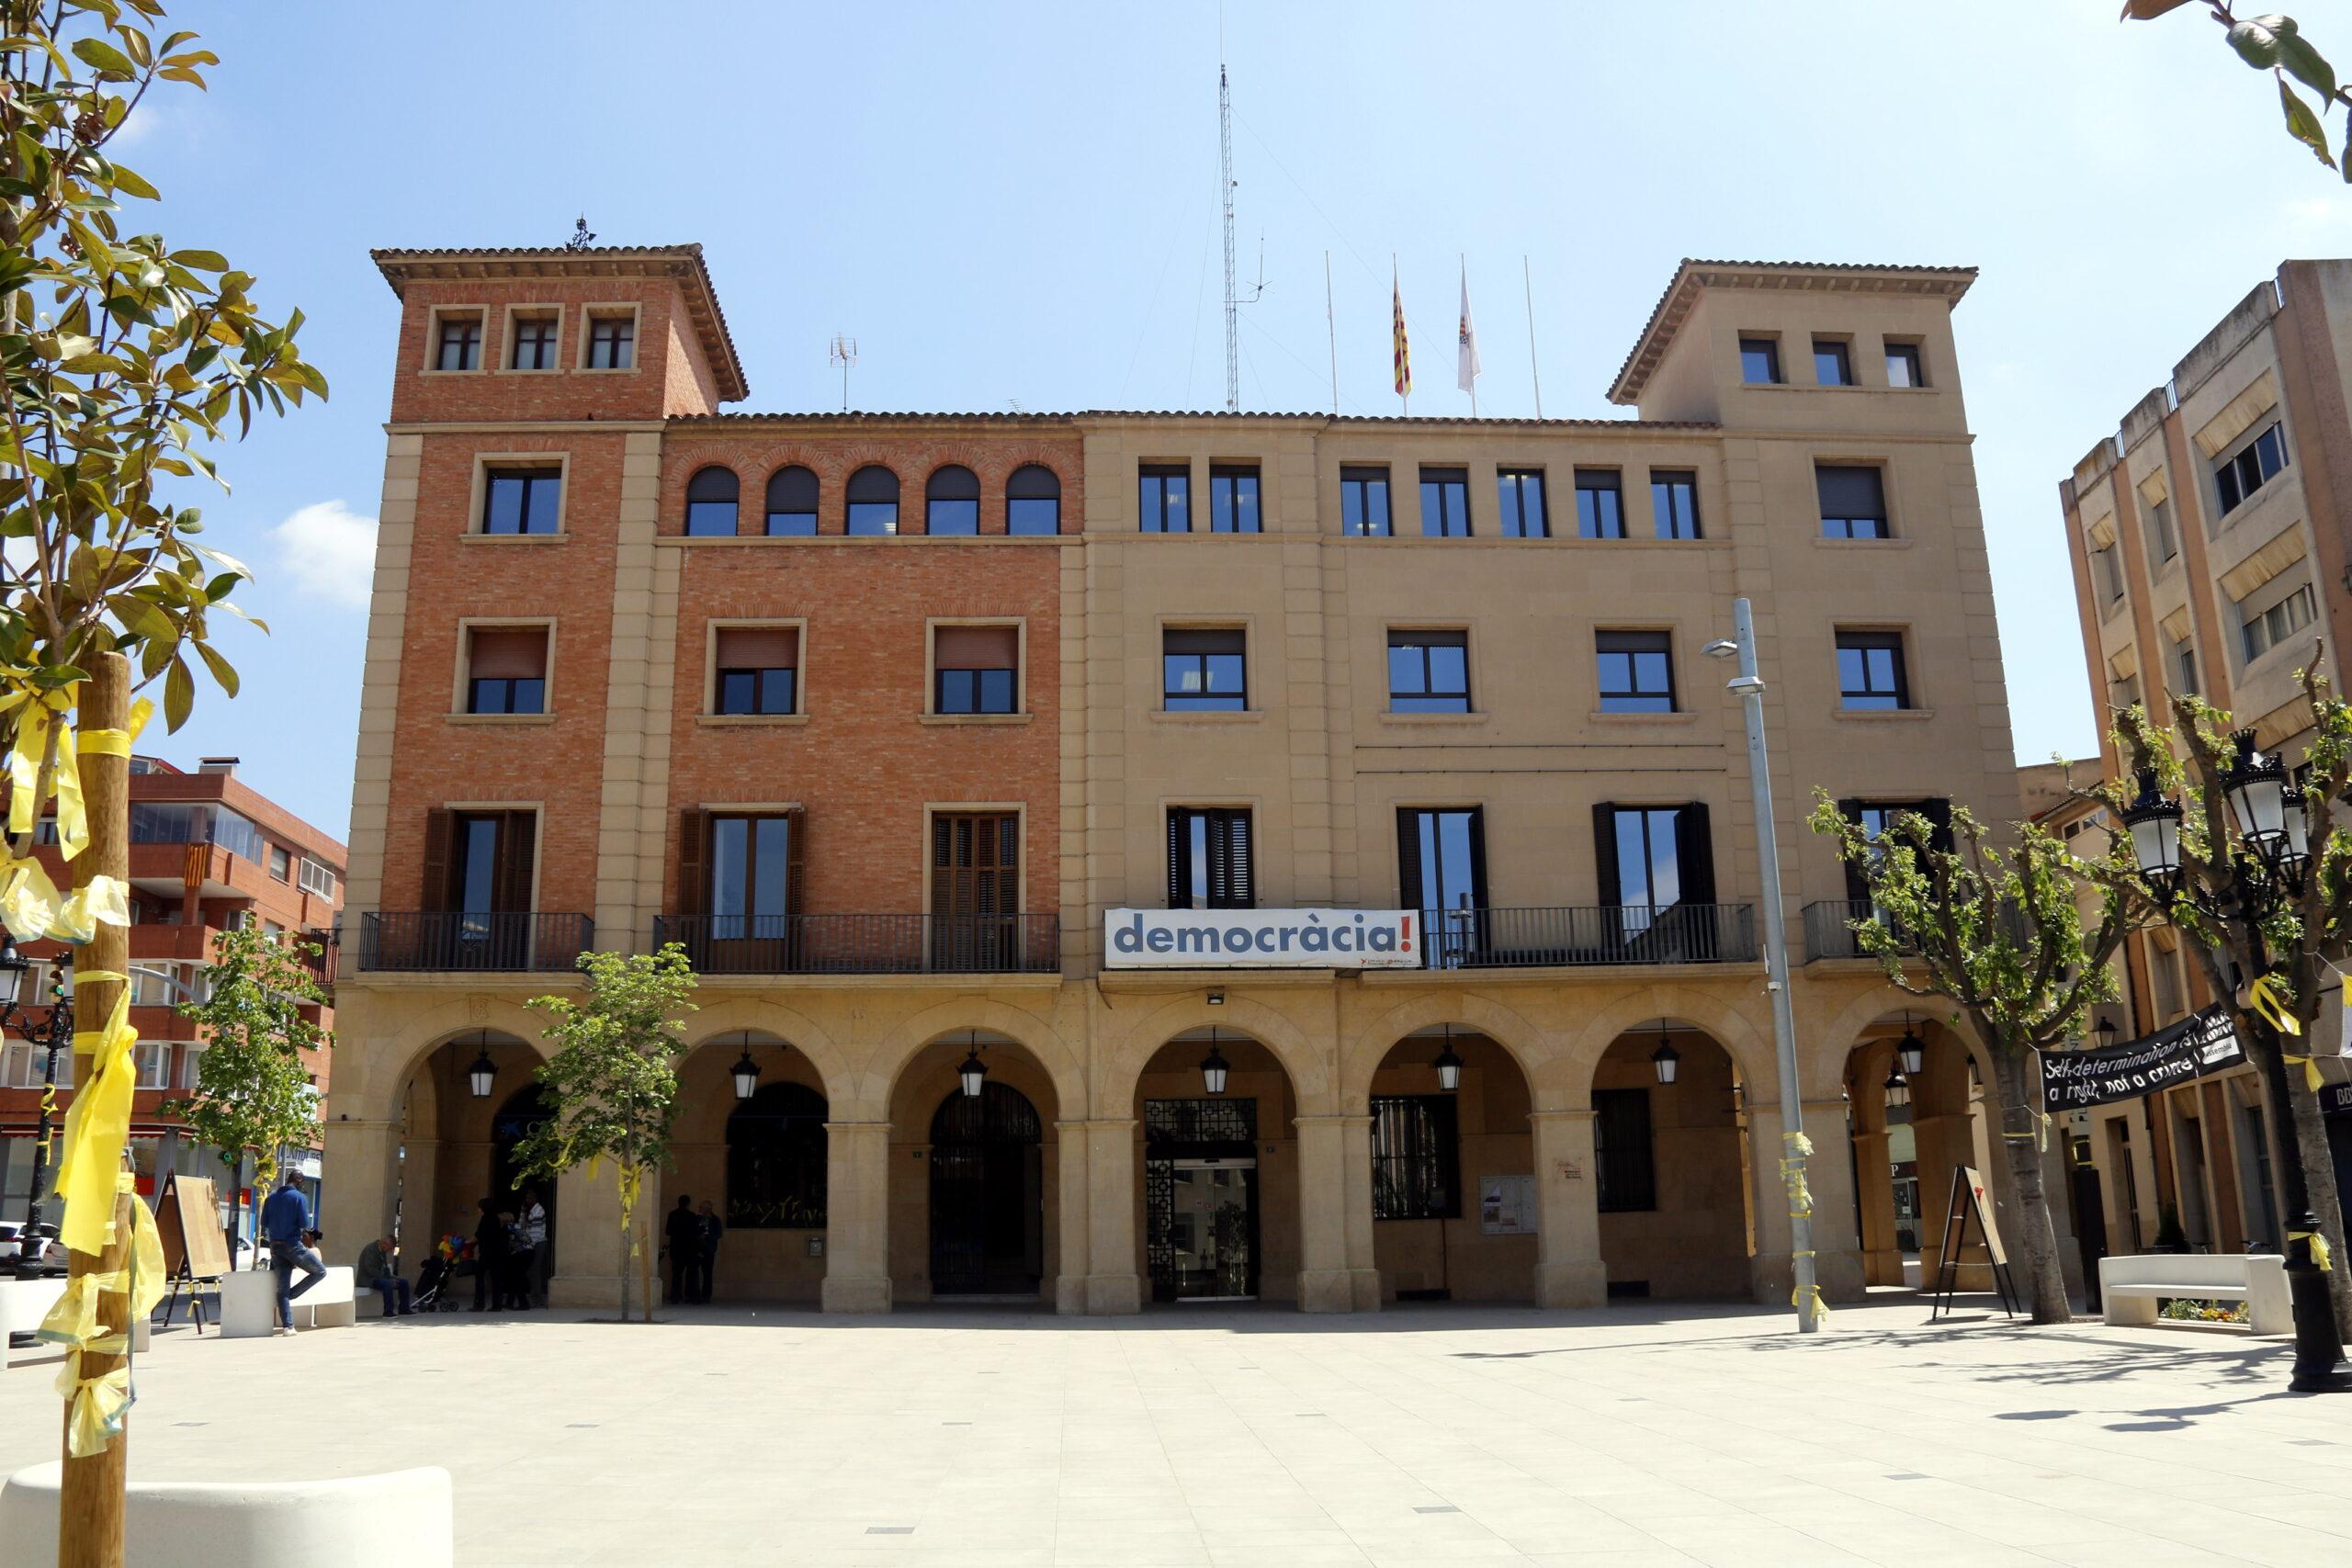 Pla obert on es pot veure la façana de l'Ajuntament de Mollerussa i la plaça reformada del davant, el 30 d'abril de 2019. (Horitzontal)